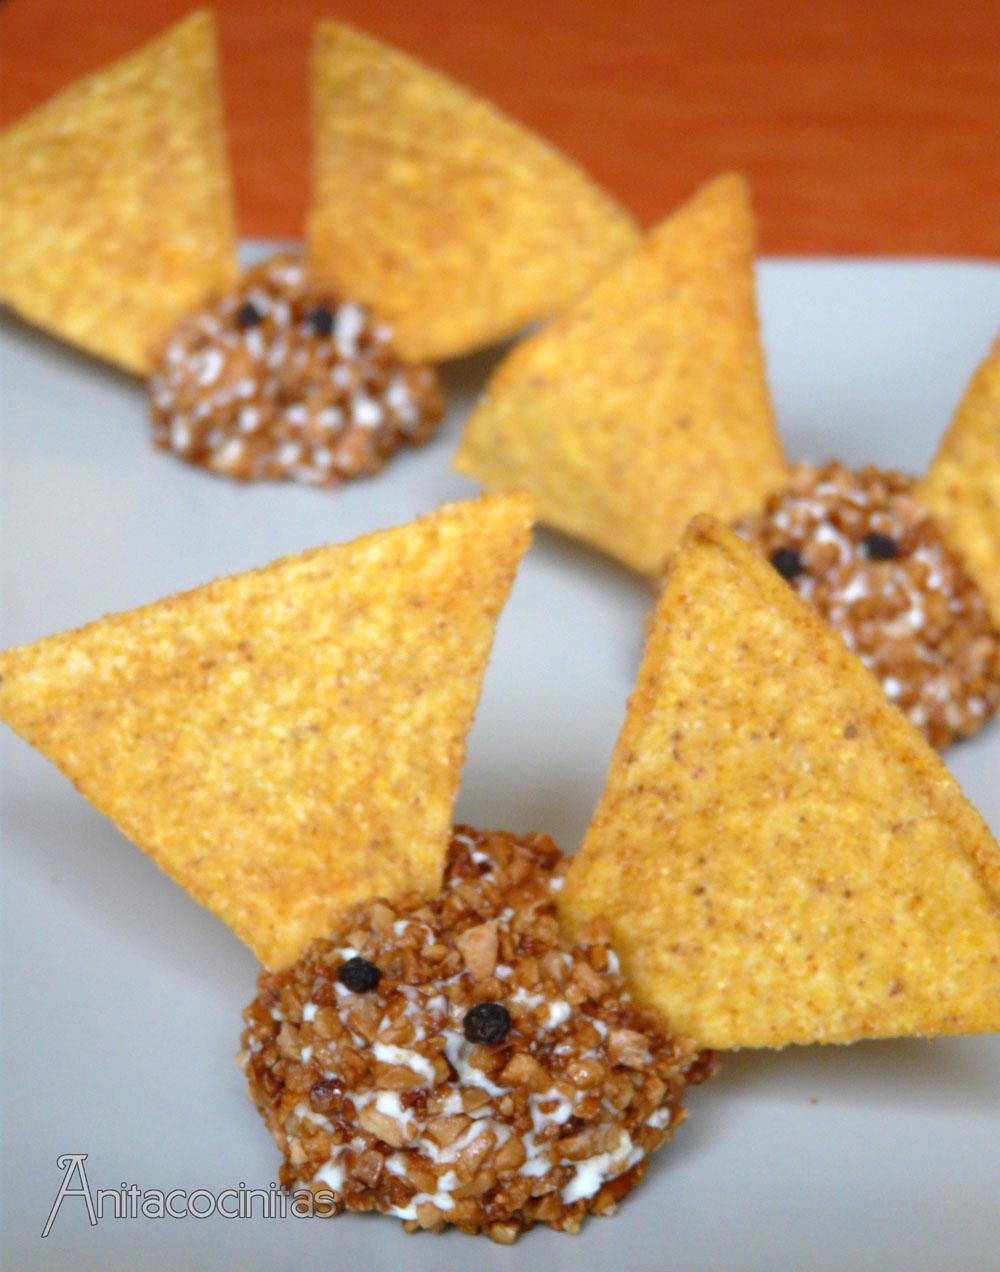 Anita cocinitas receta de halloween murci lagos de queso para halloween - Murcielagos para halloween ...